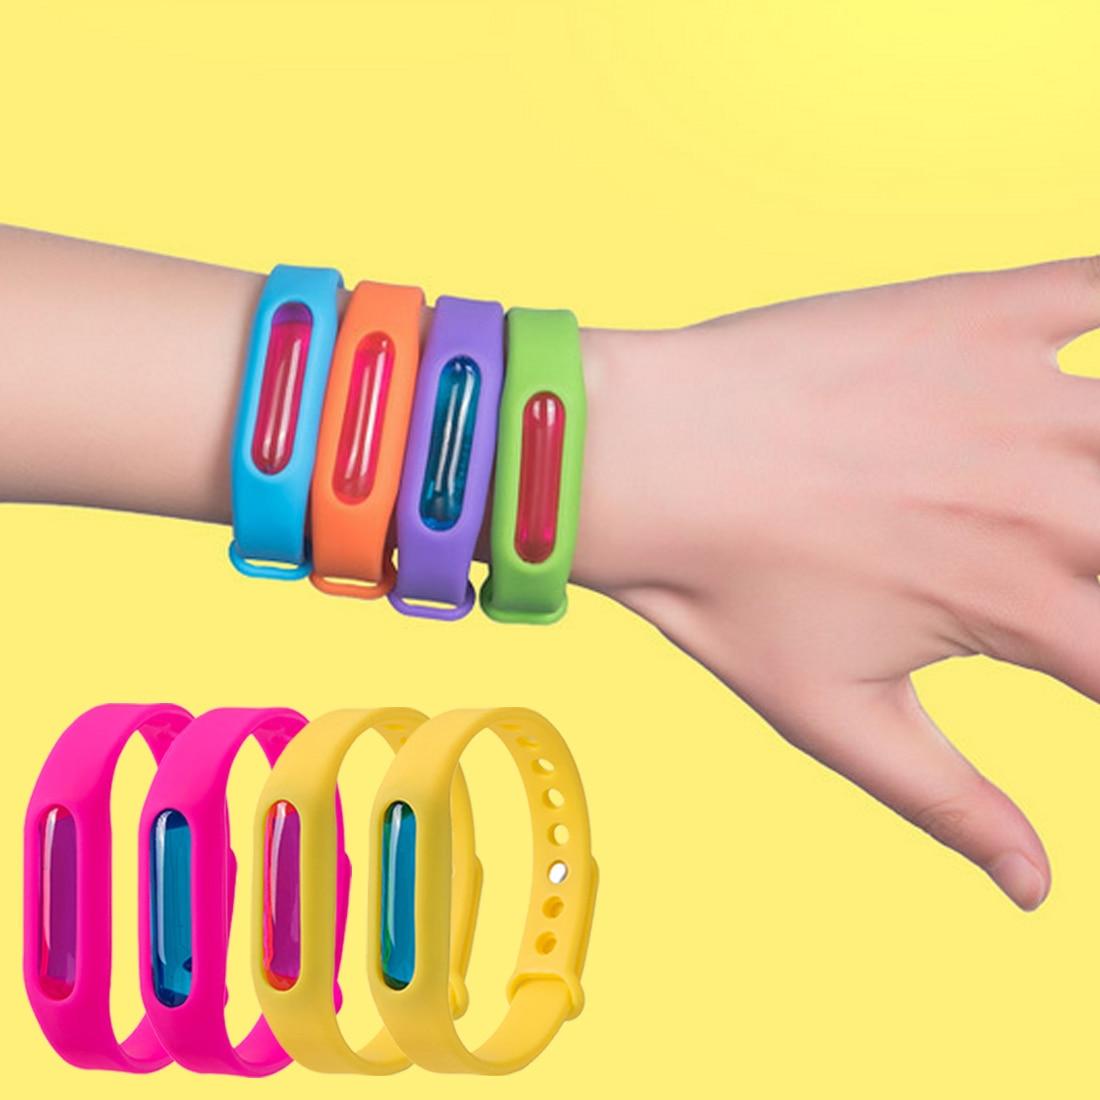 Силиконовый браслет для отпугивания насекомых Wristband в Грозном